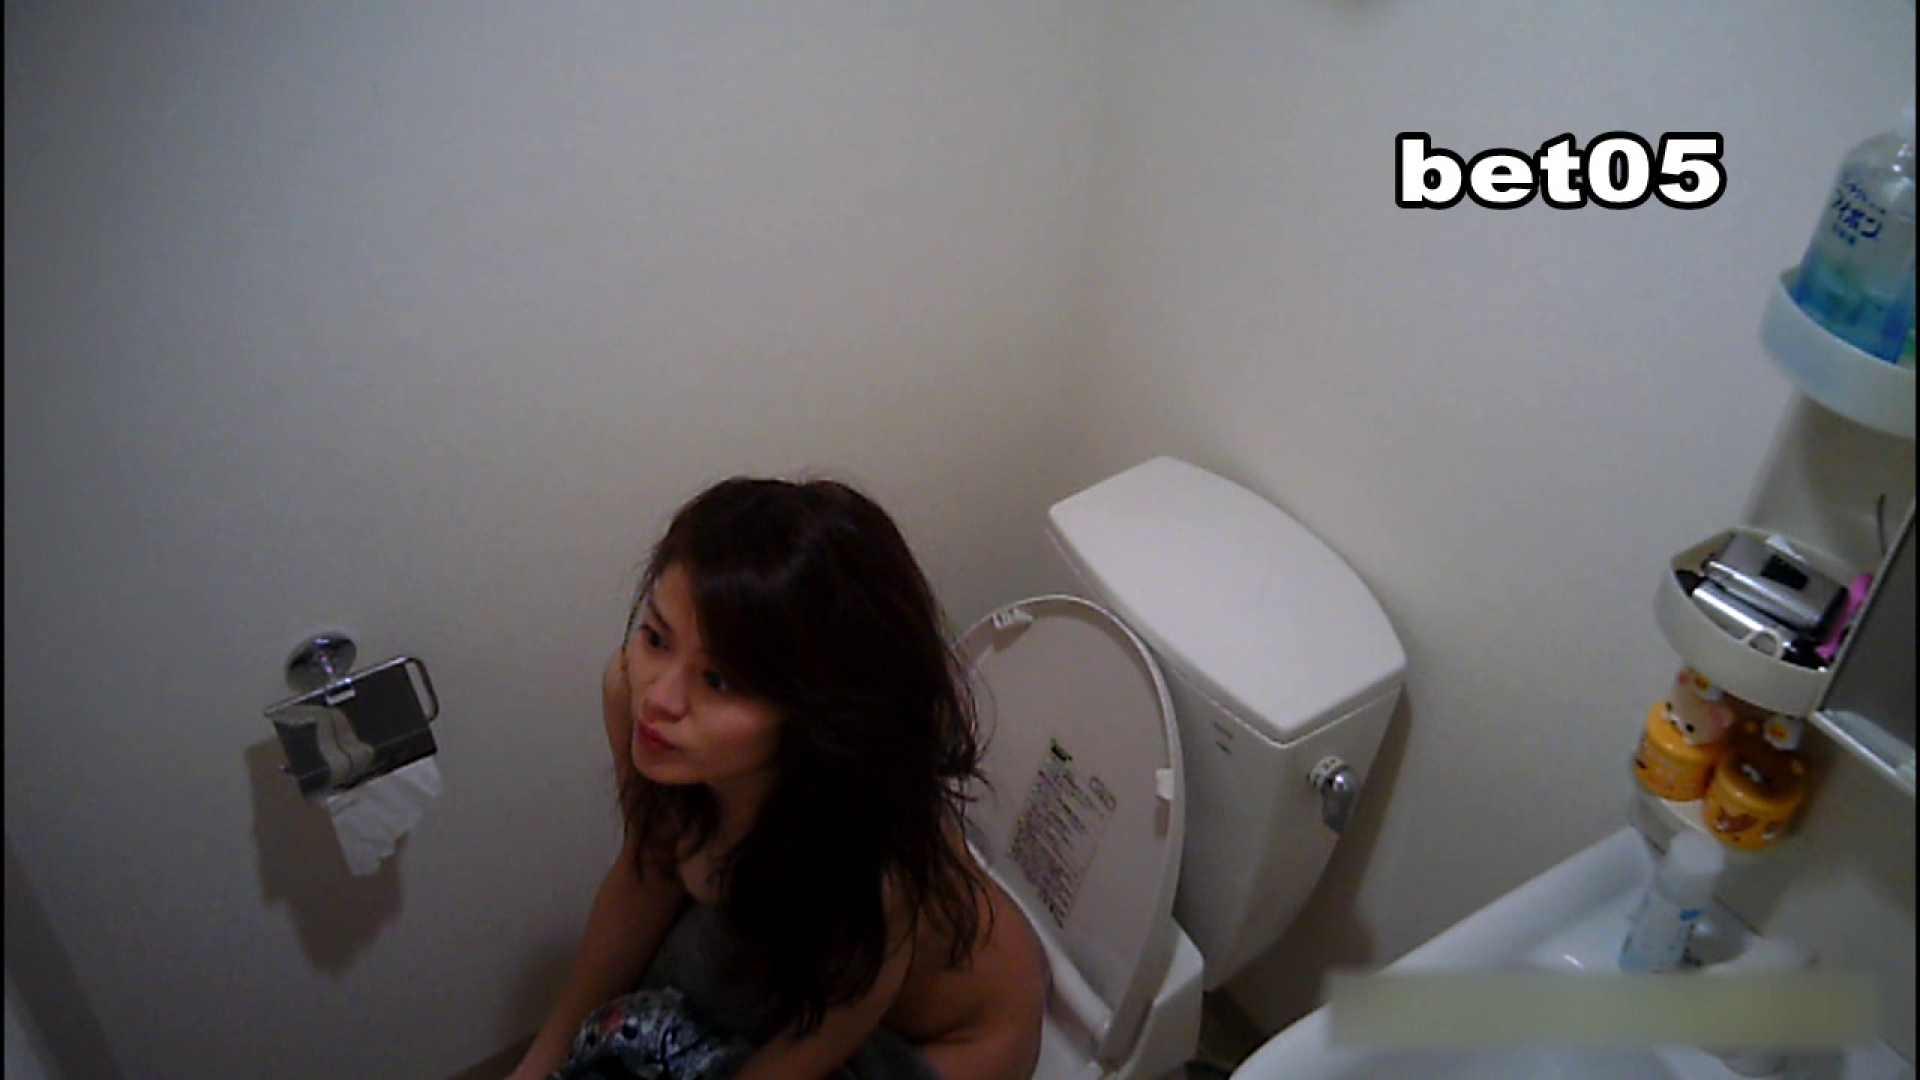 ミキ・大手旅行代理店勤務(24歳・仮名) vol.05 オマケで全裸洗面所も公開 リベンジ  100PIX 7